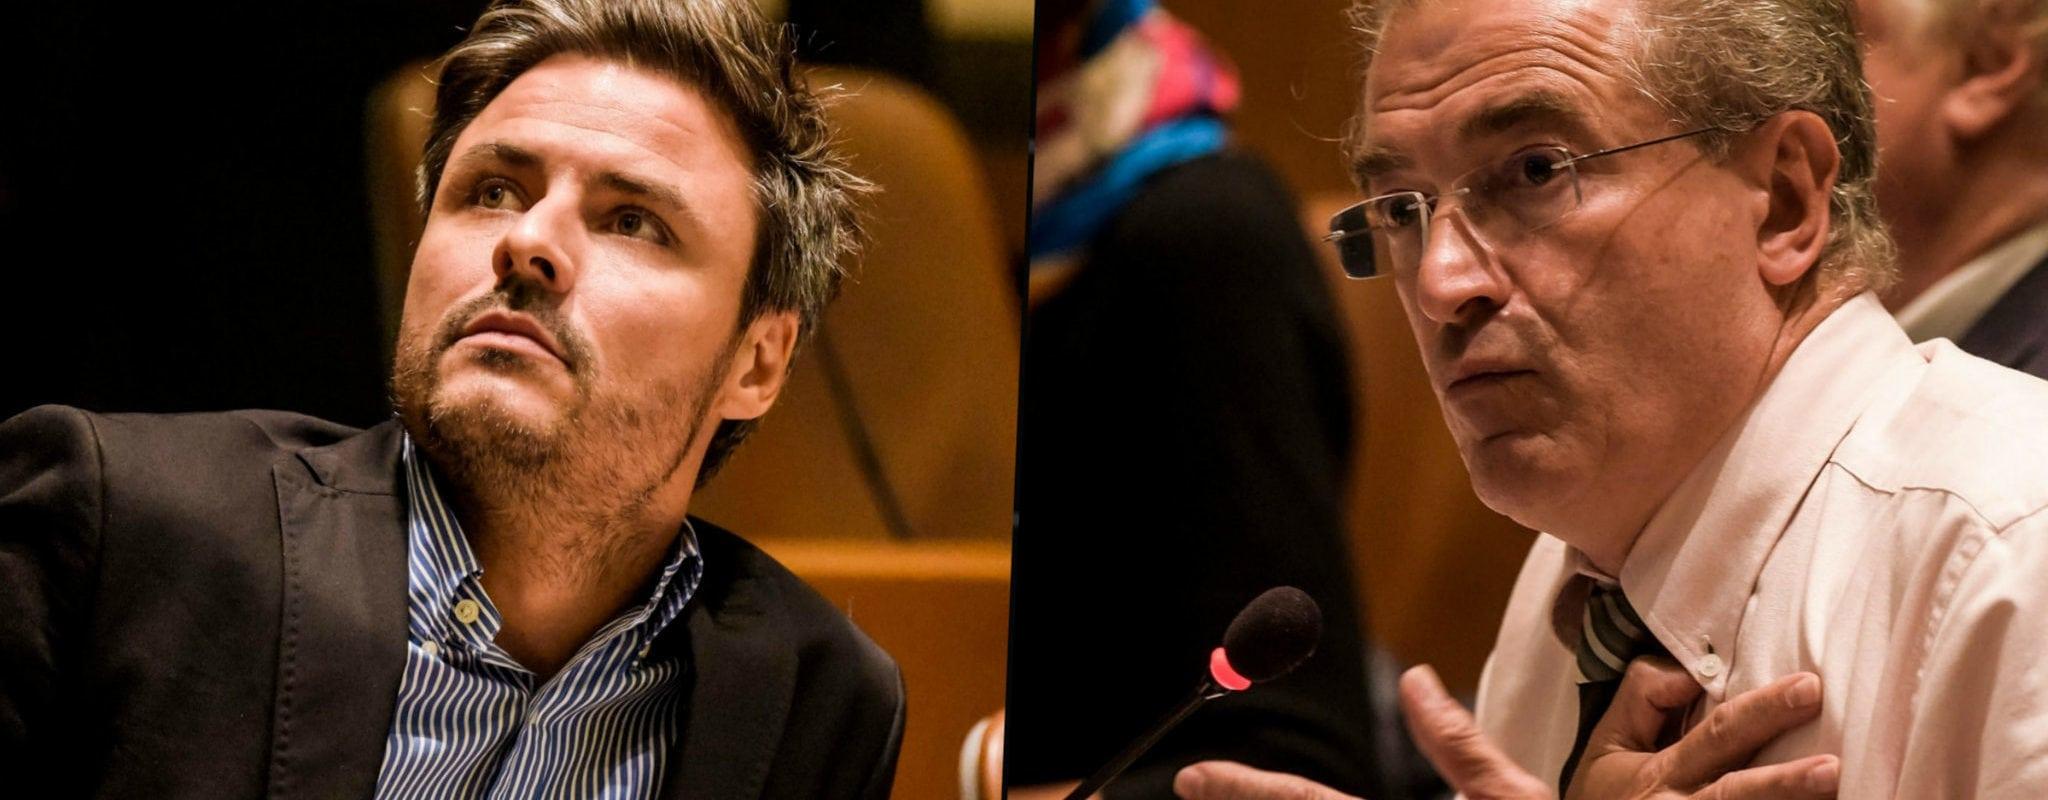 Municipales : À droite, une audition et un vote pour départager les deux Jean-Philippe